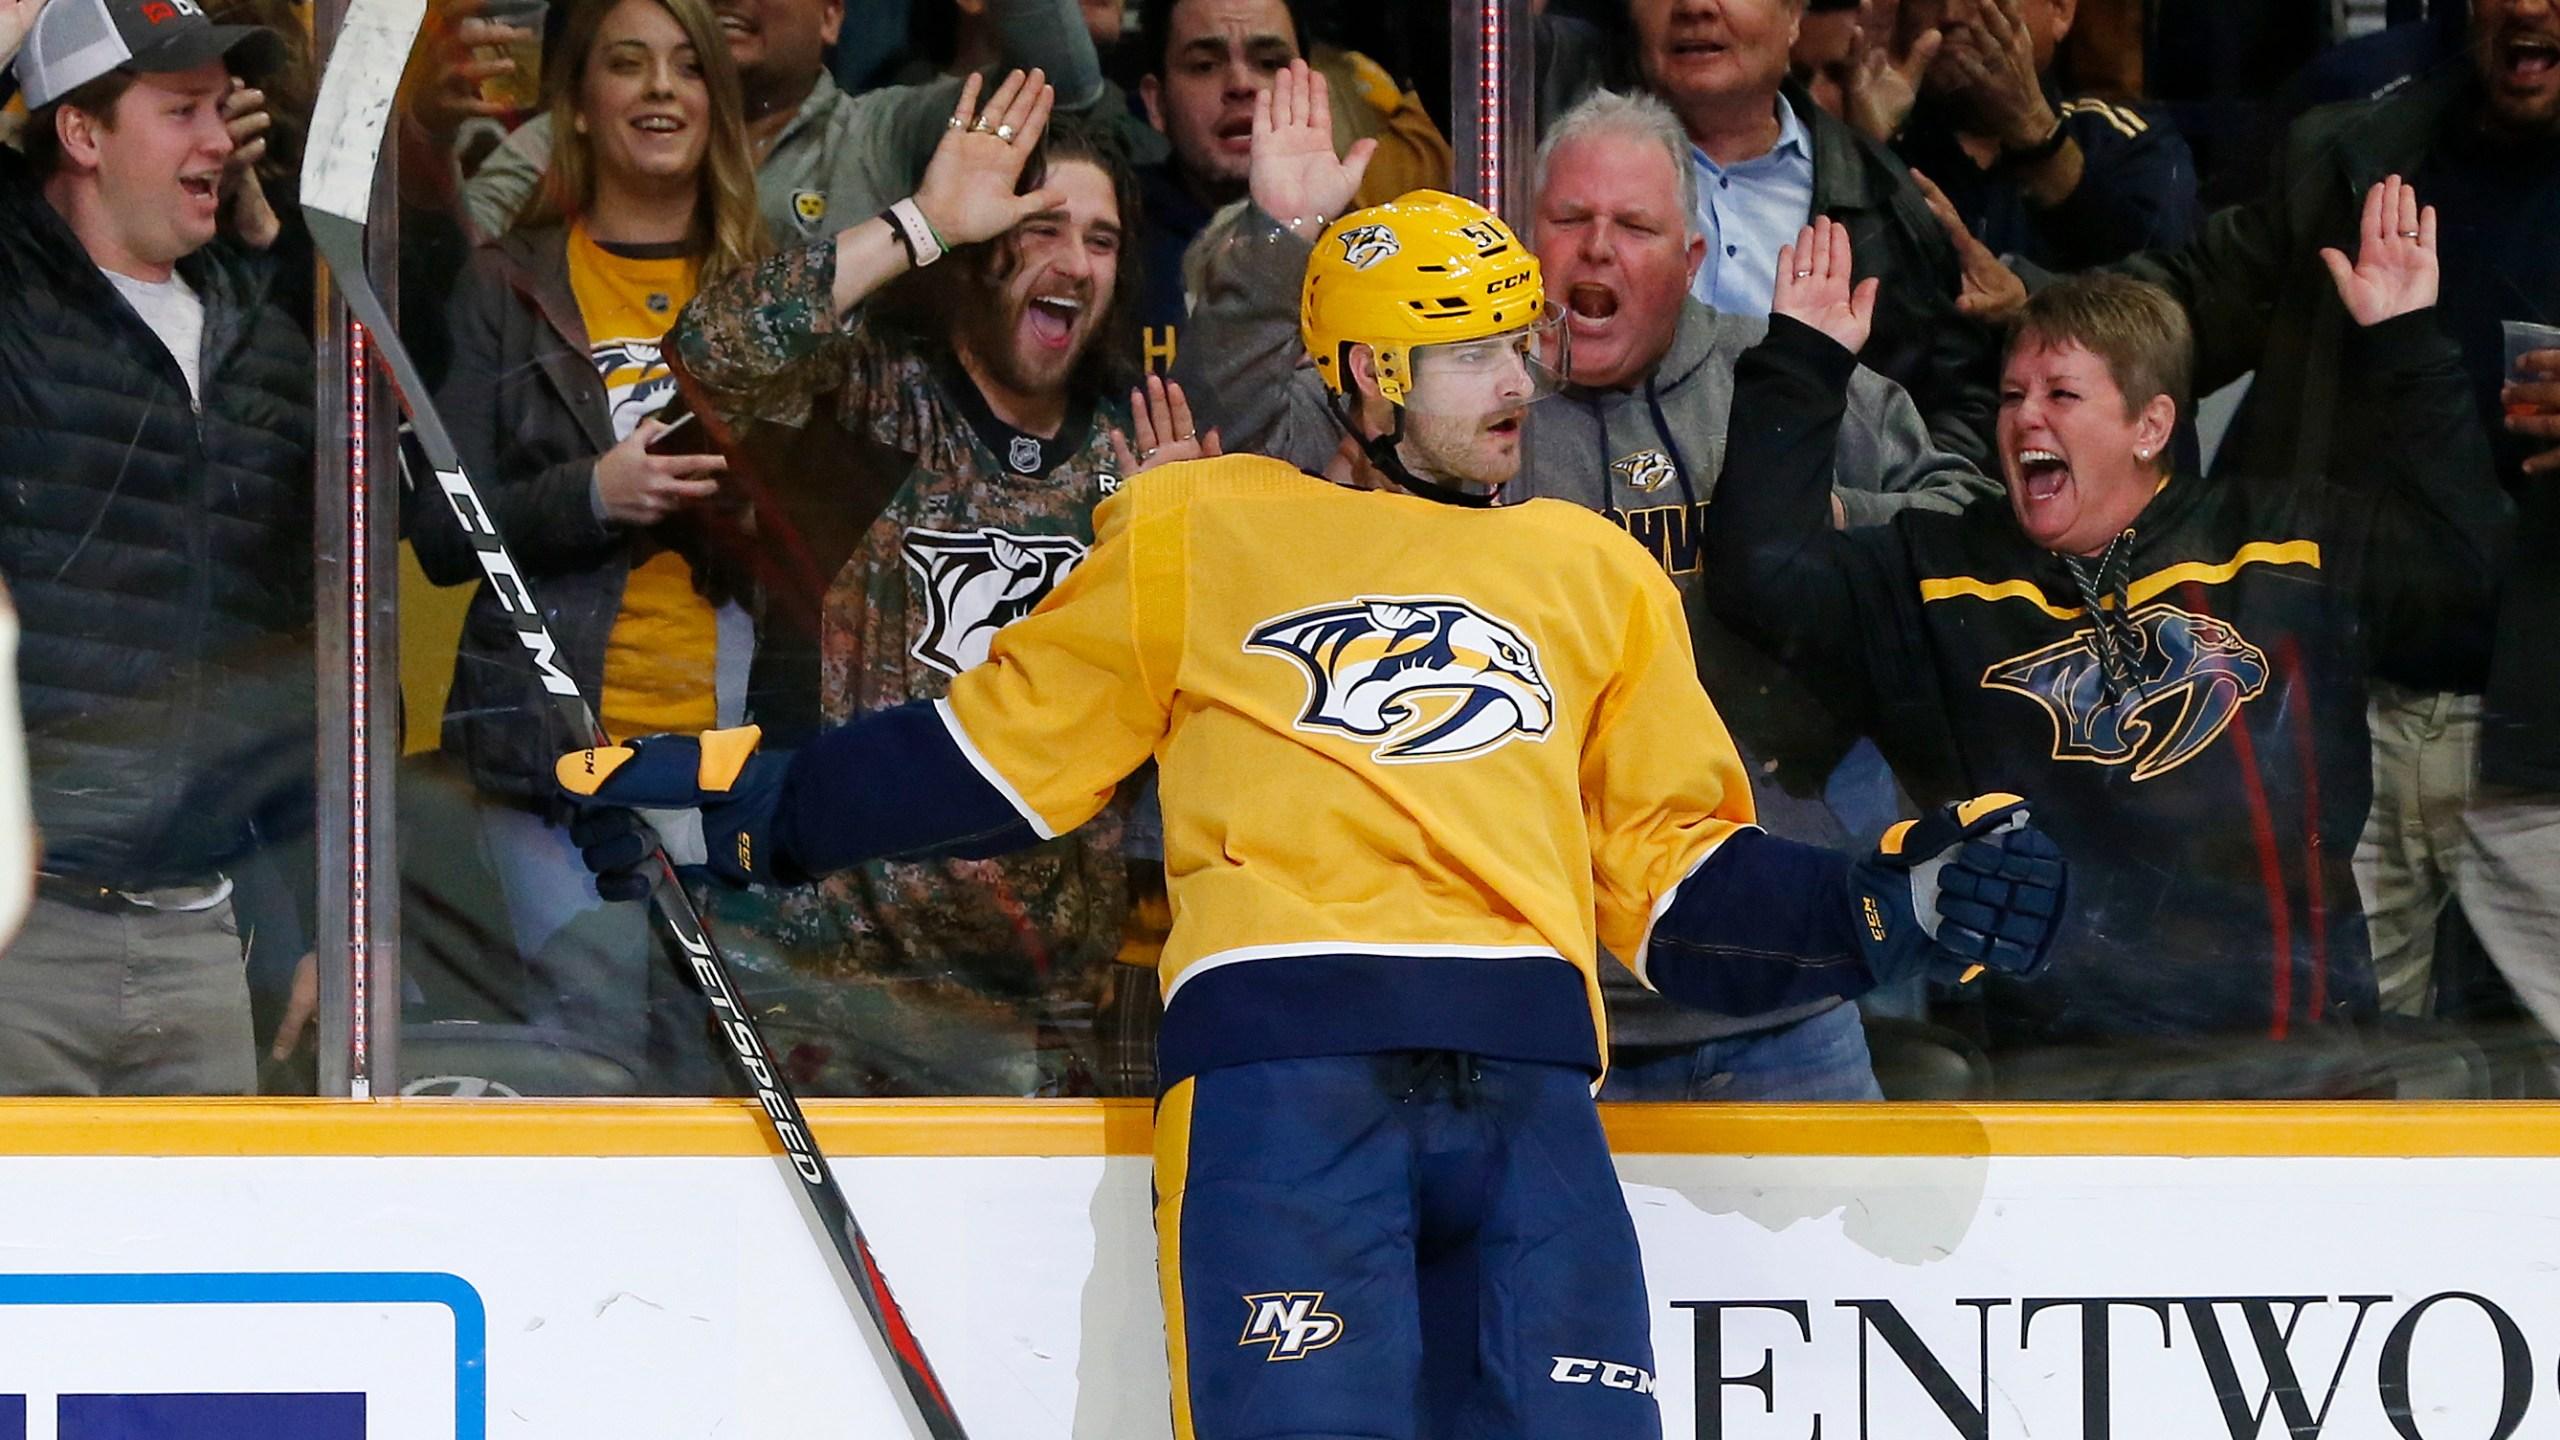 Ducks Predators Hockey_1543205387082